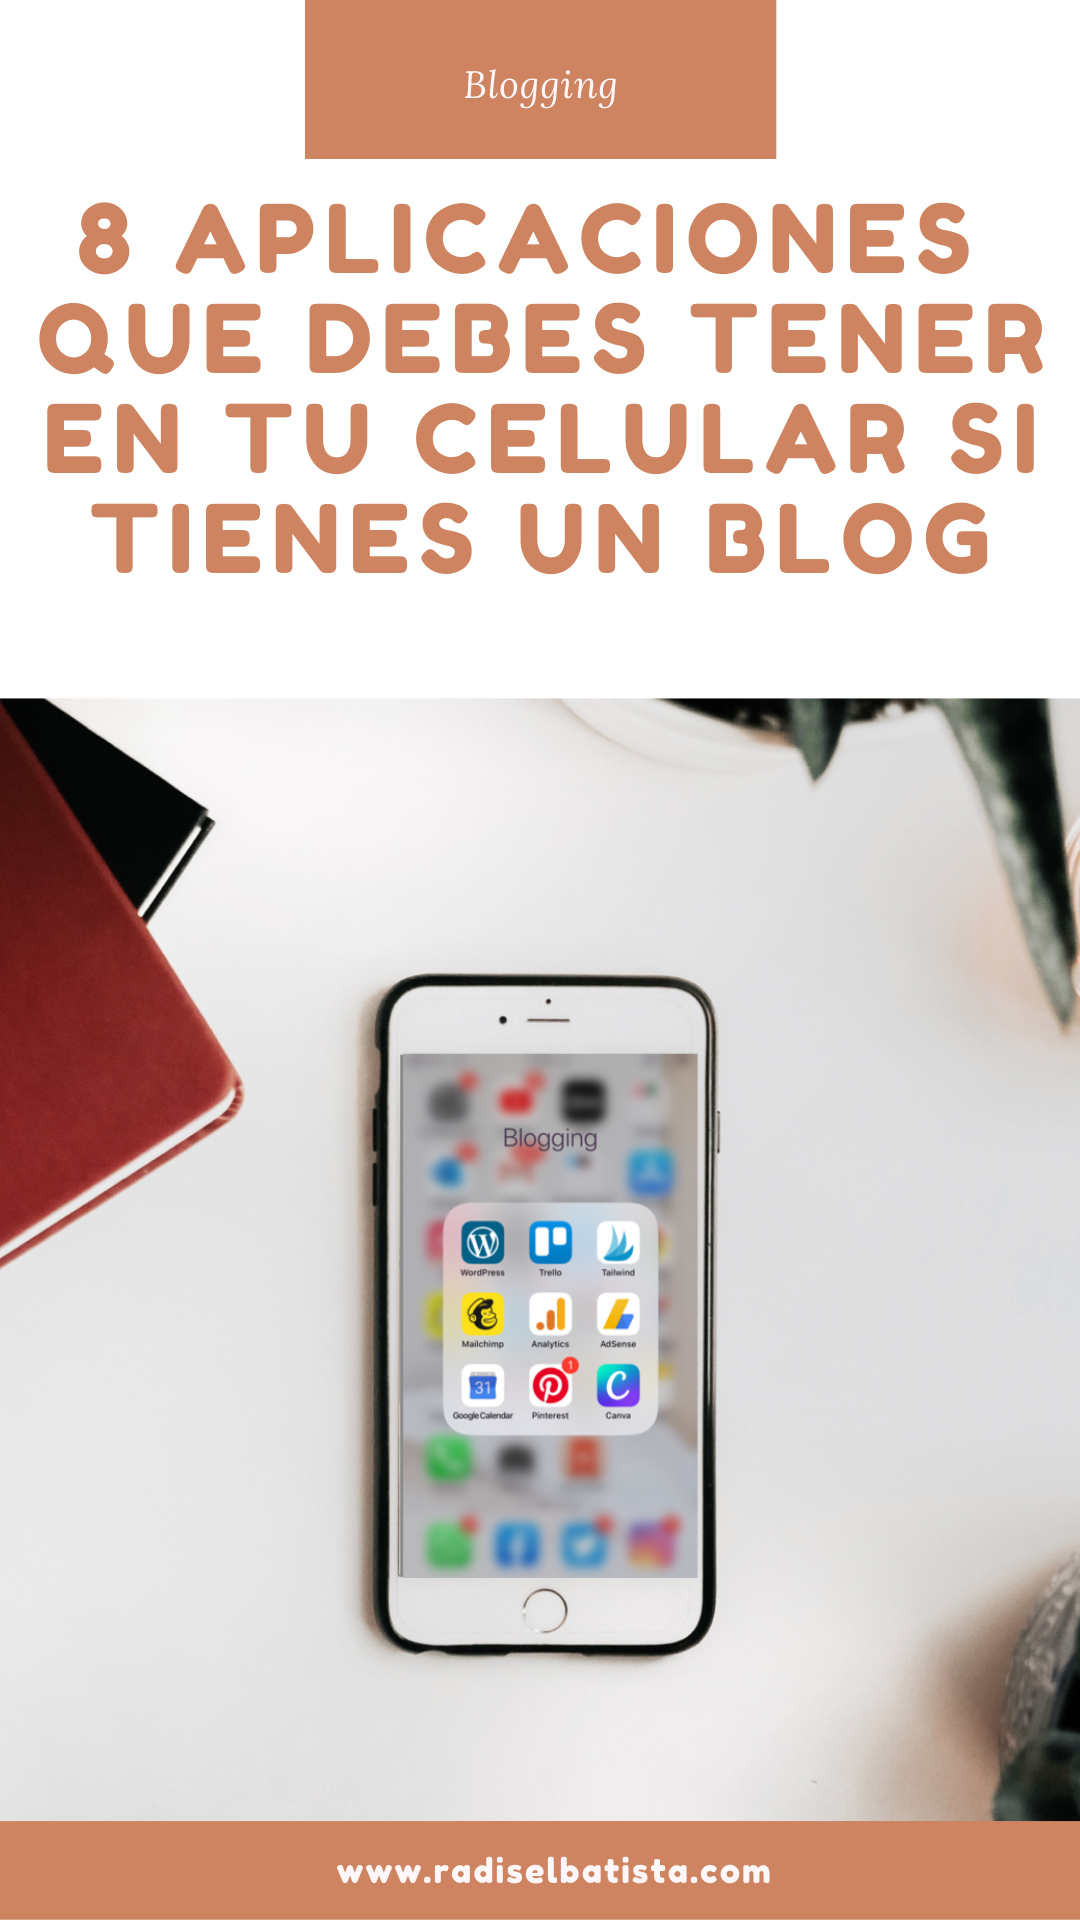 8 Aplicaciones De Debes Tener En Tu Celular Si Tienes Un Blog Consejos Para Instagram Blog Blogging